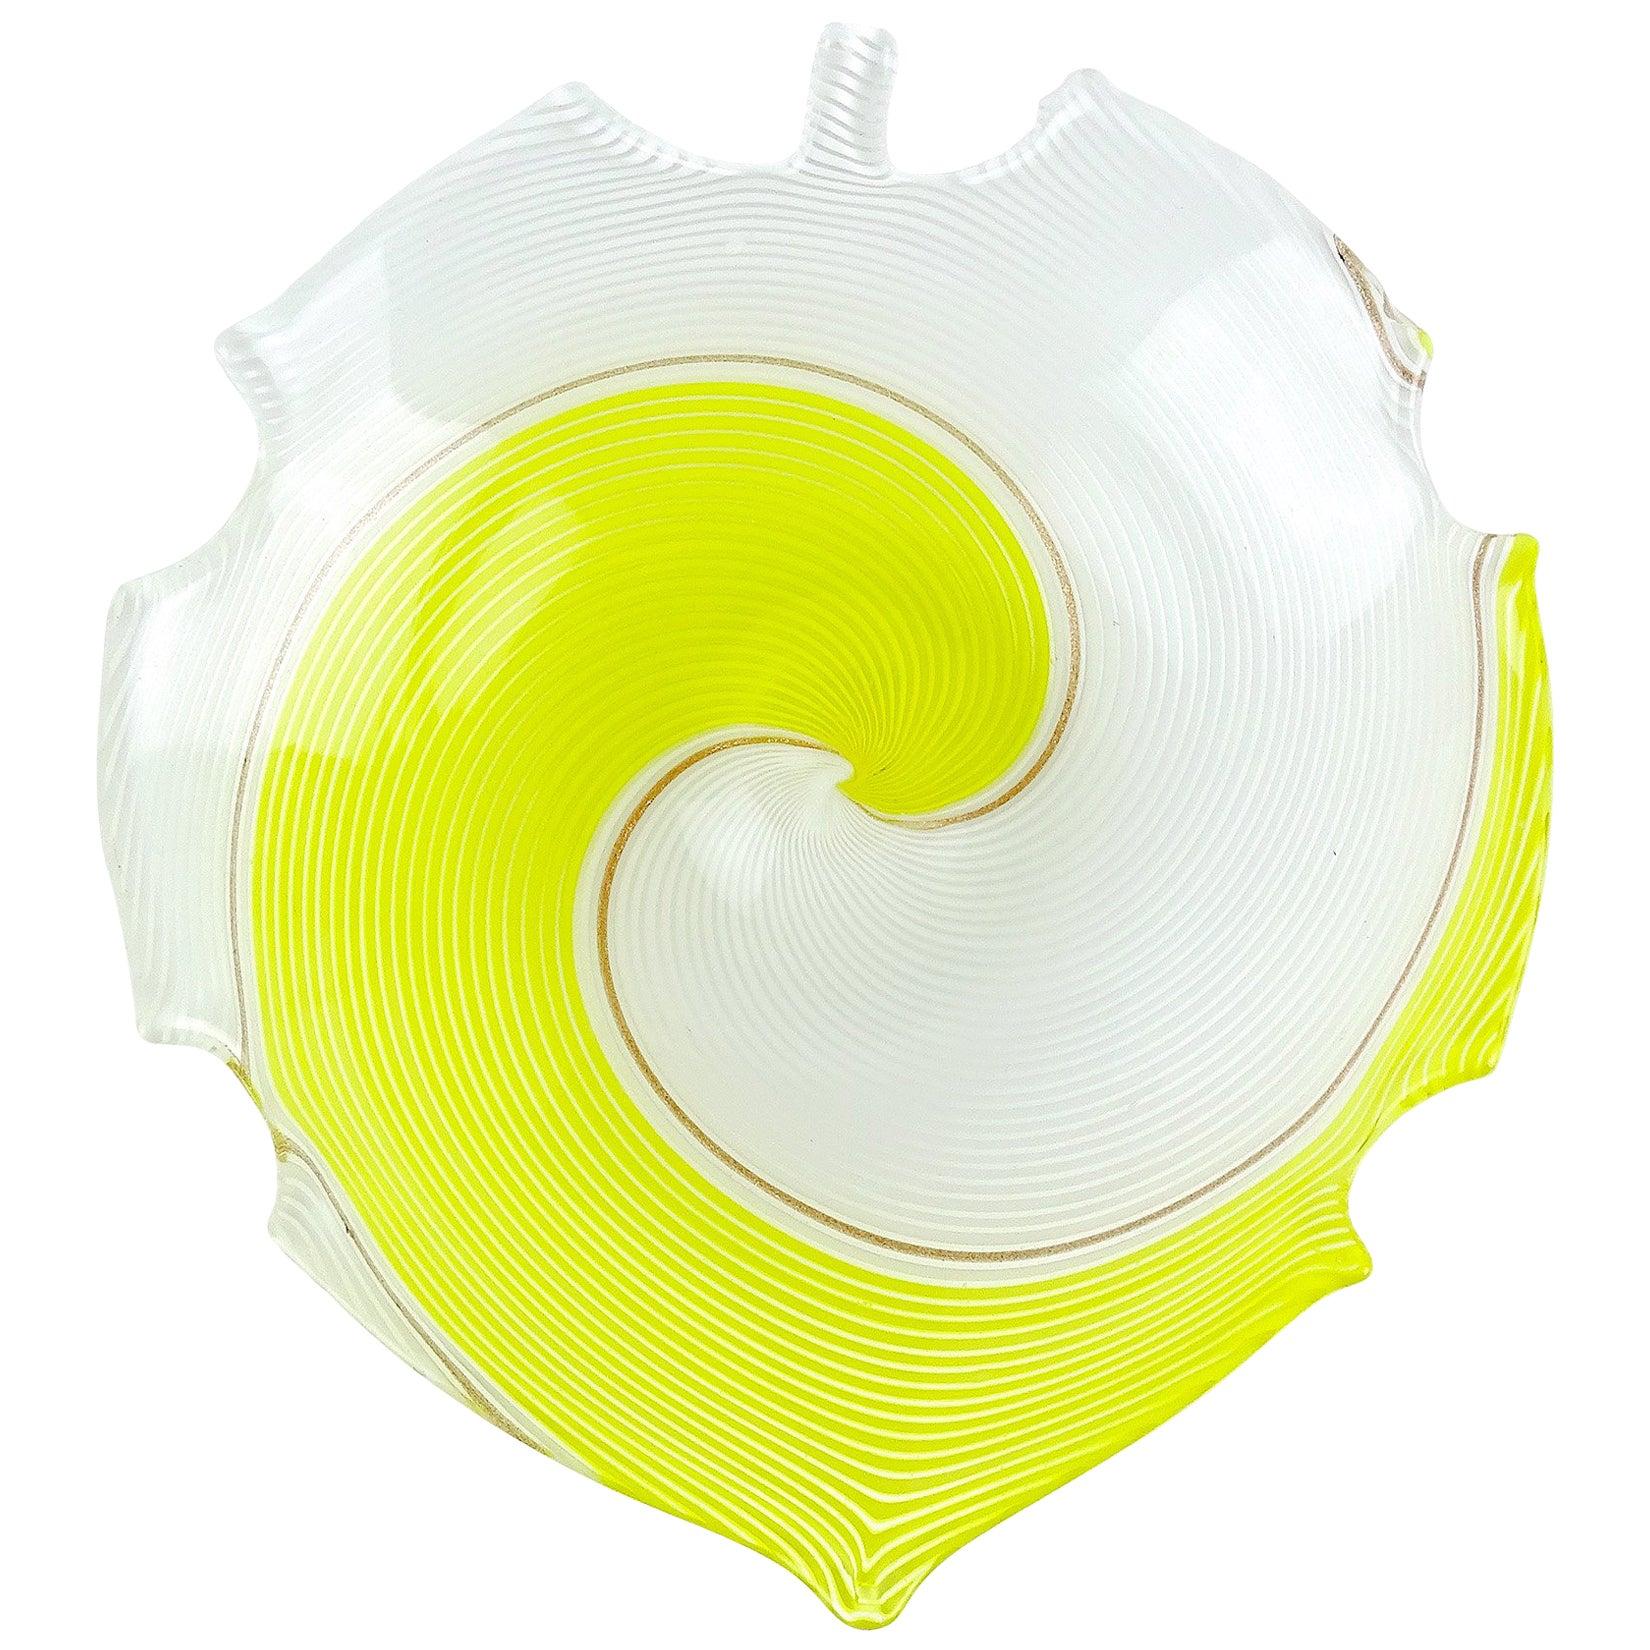 Dino Martens Aureliano Toso Murano Yellow White Ribbons Italian Art Glass Bowl